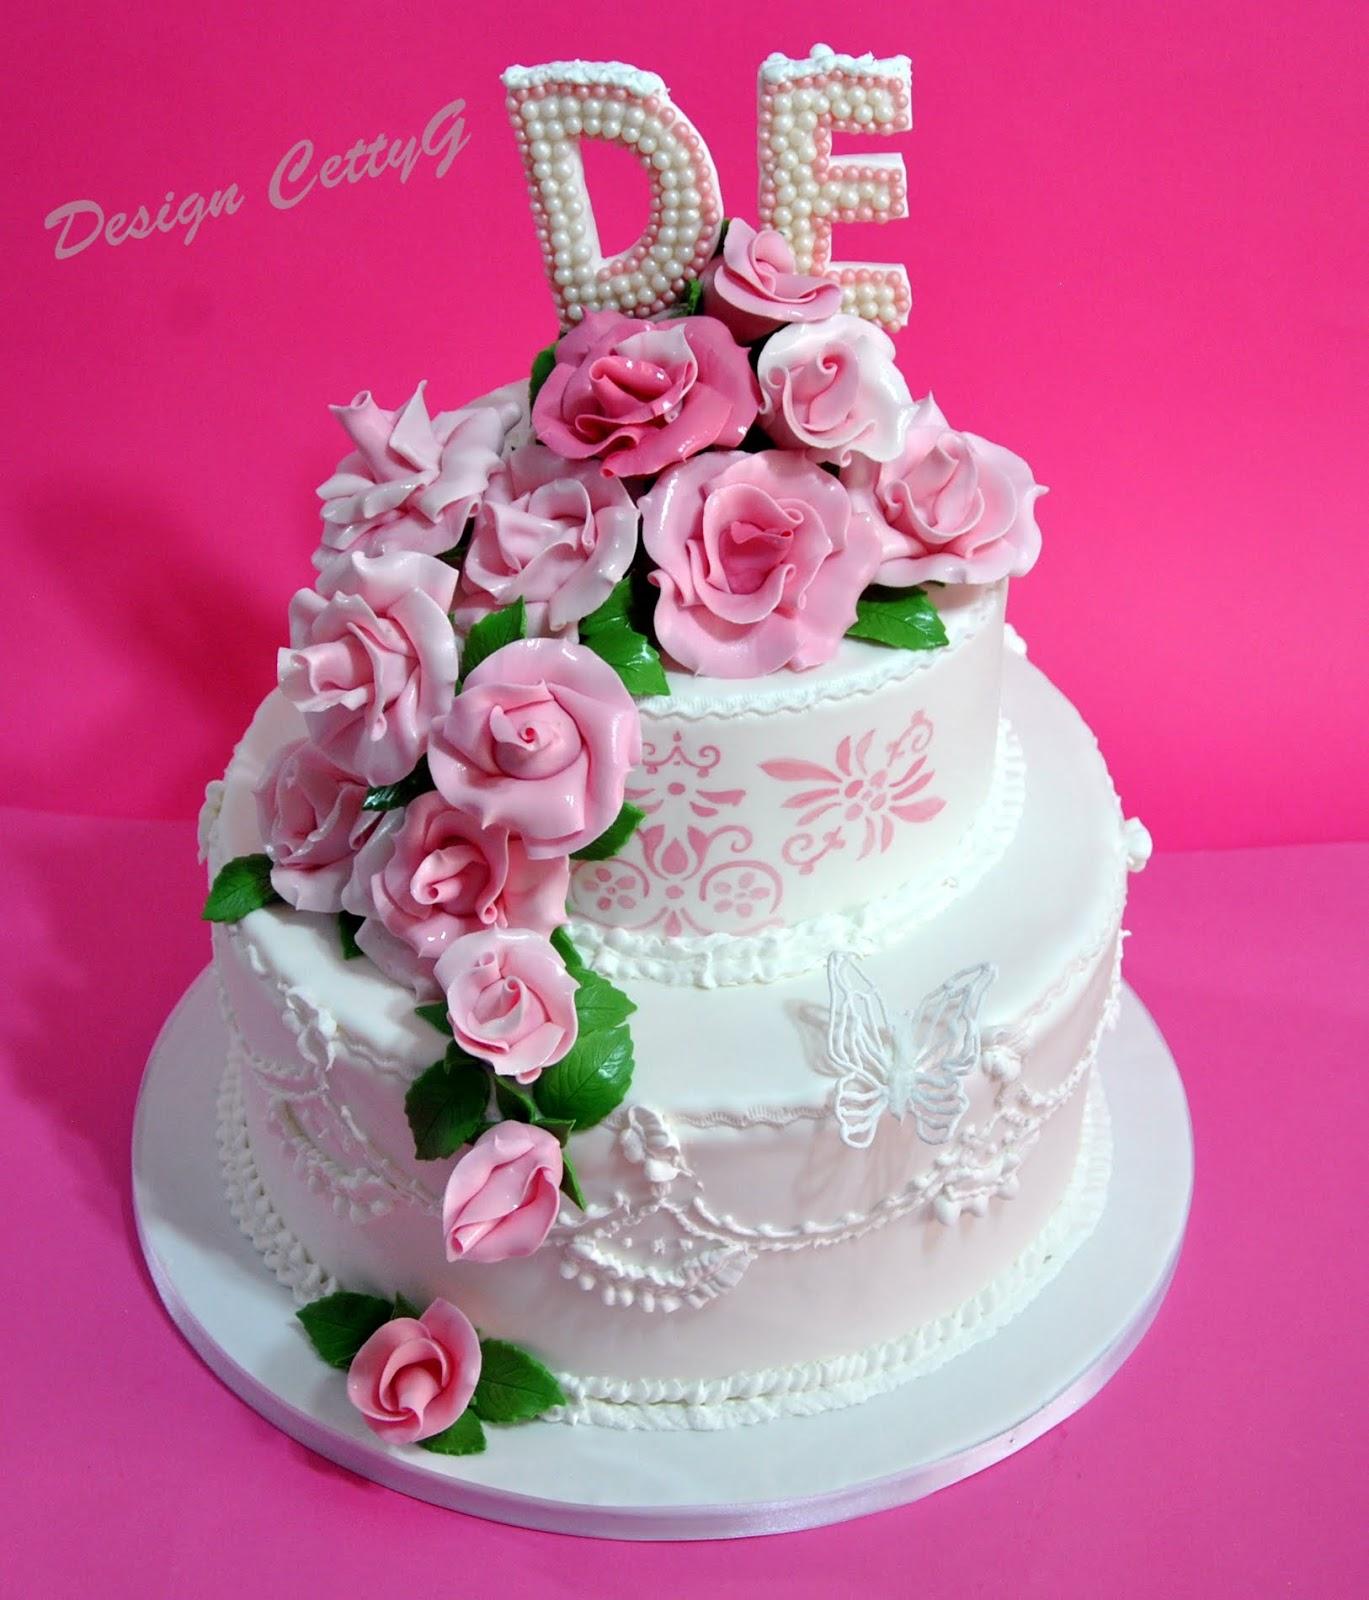 decorazioni torte per 60 anni ricette popolari dellaForDecorazioni Torte Per 60 Anni Di Matrimonio